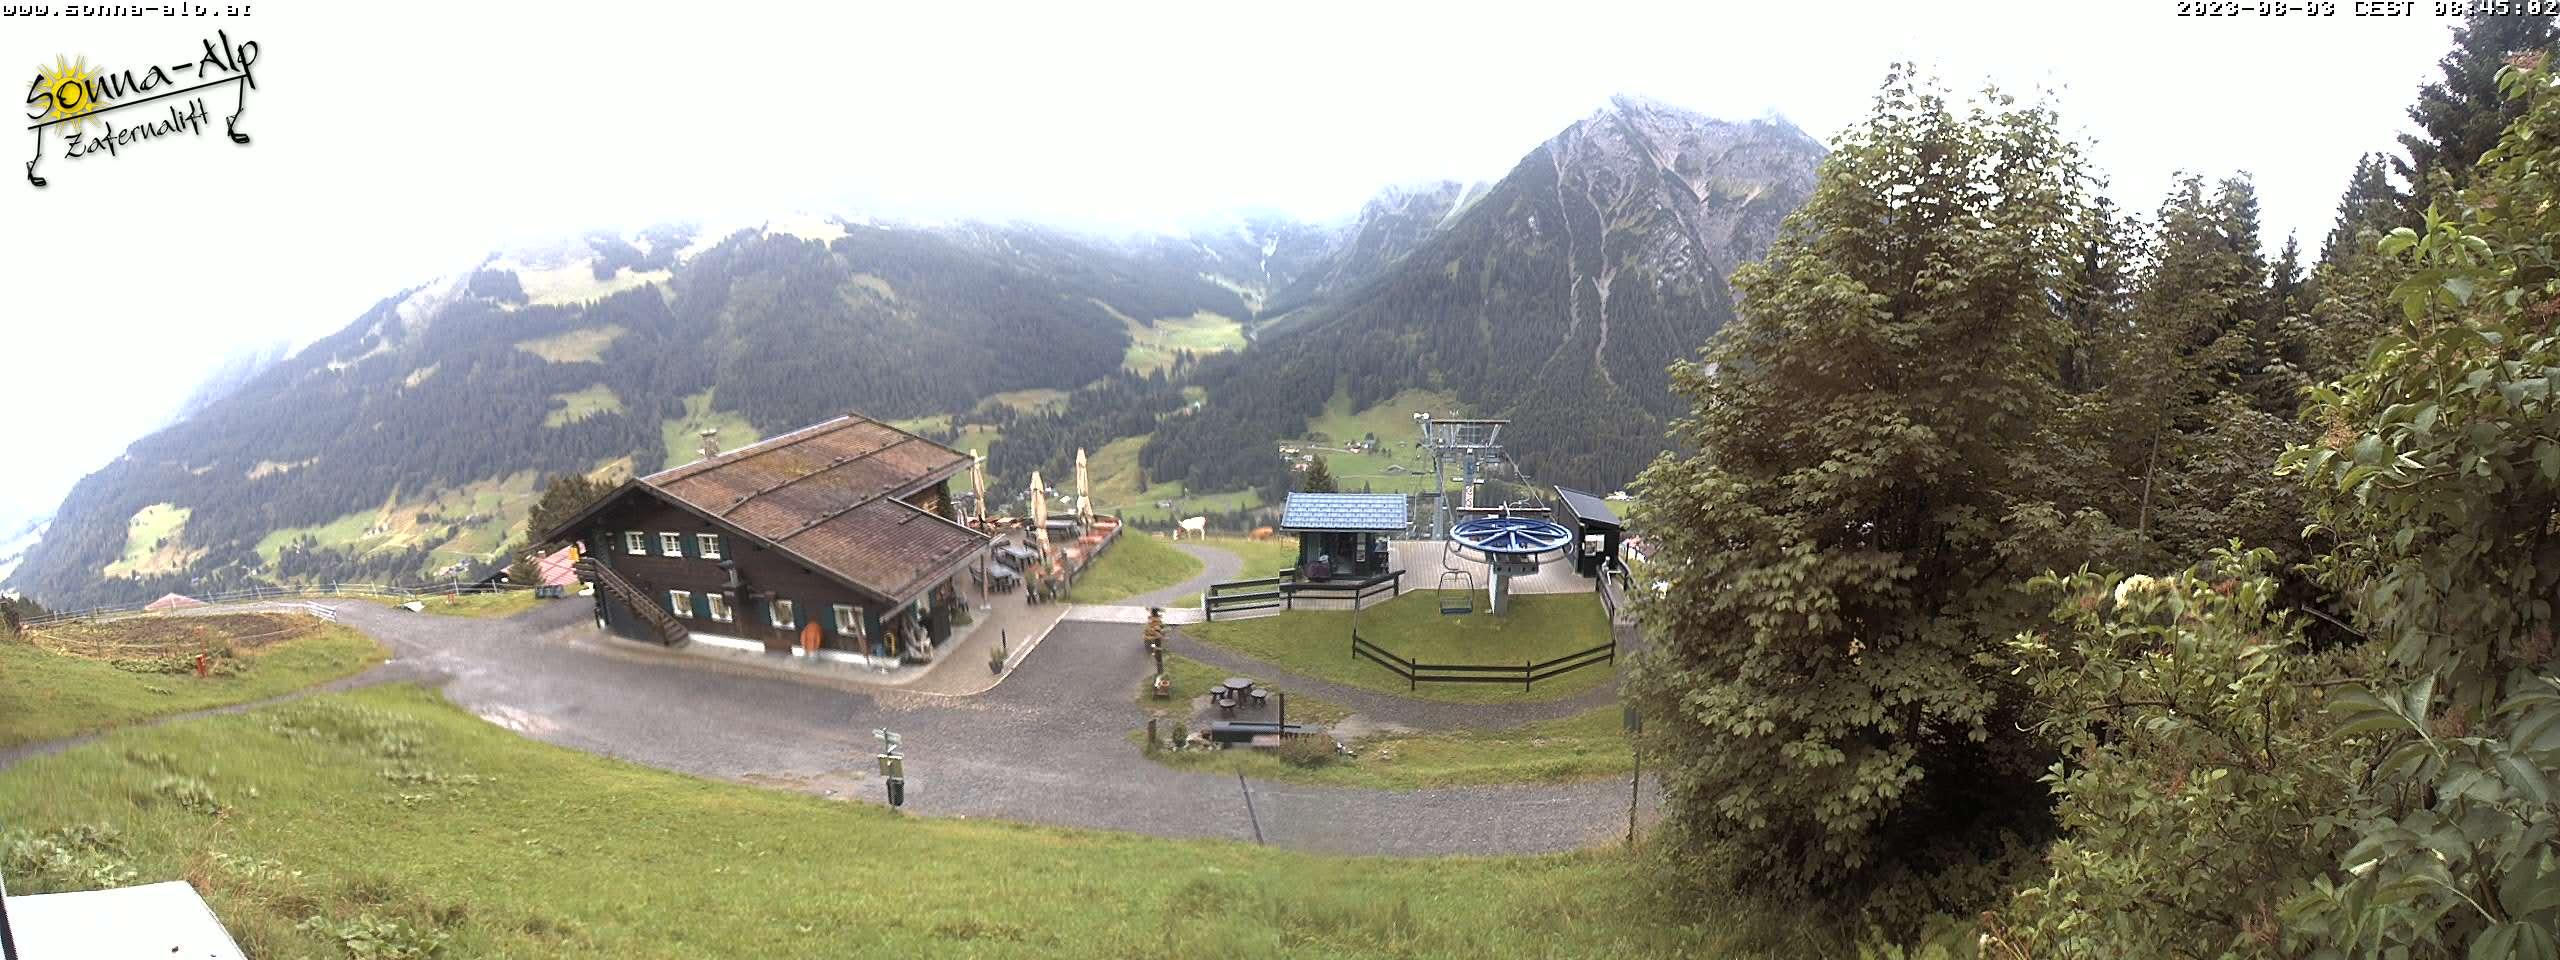 Zaferna (Sonna-Alp)